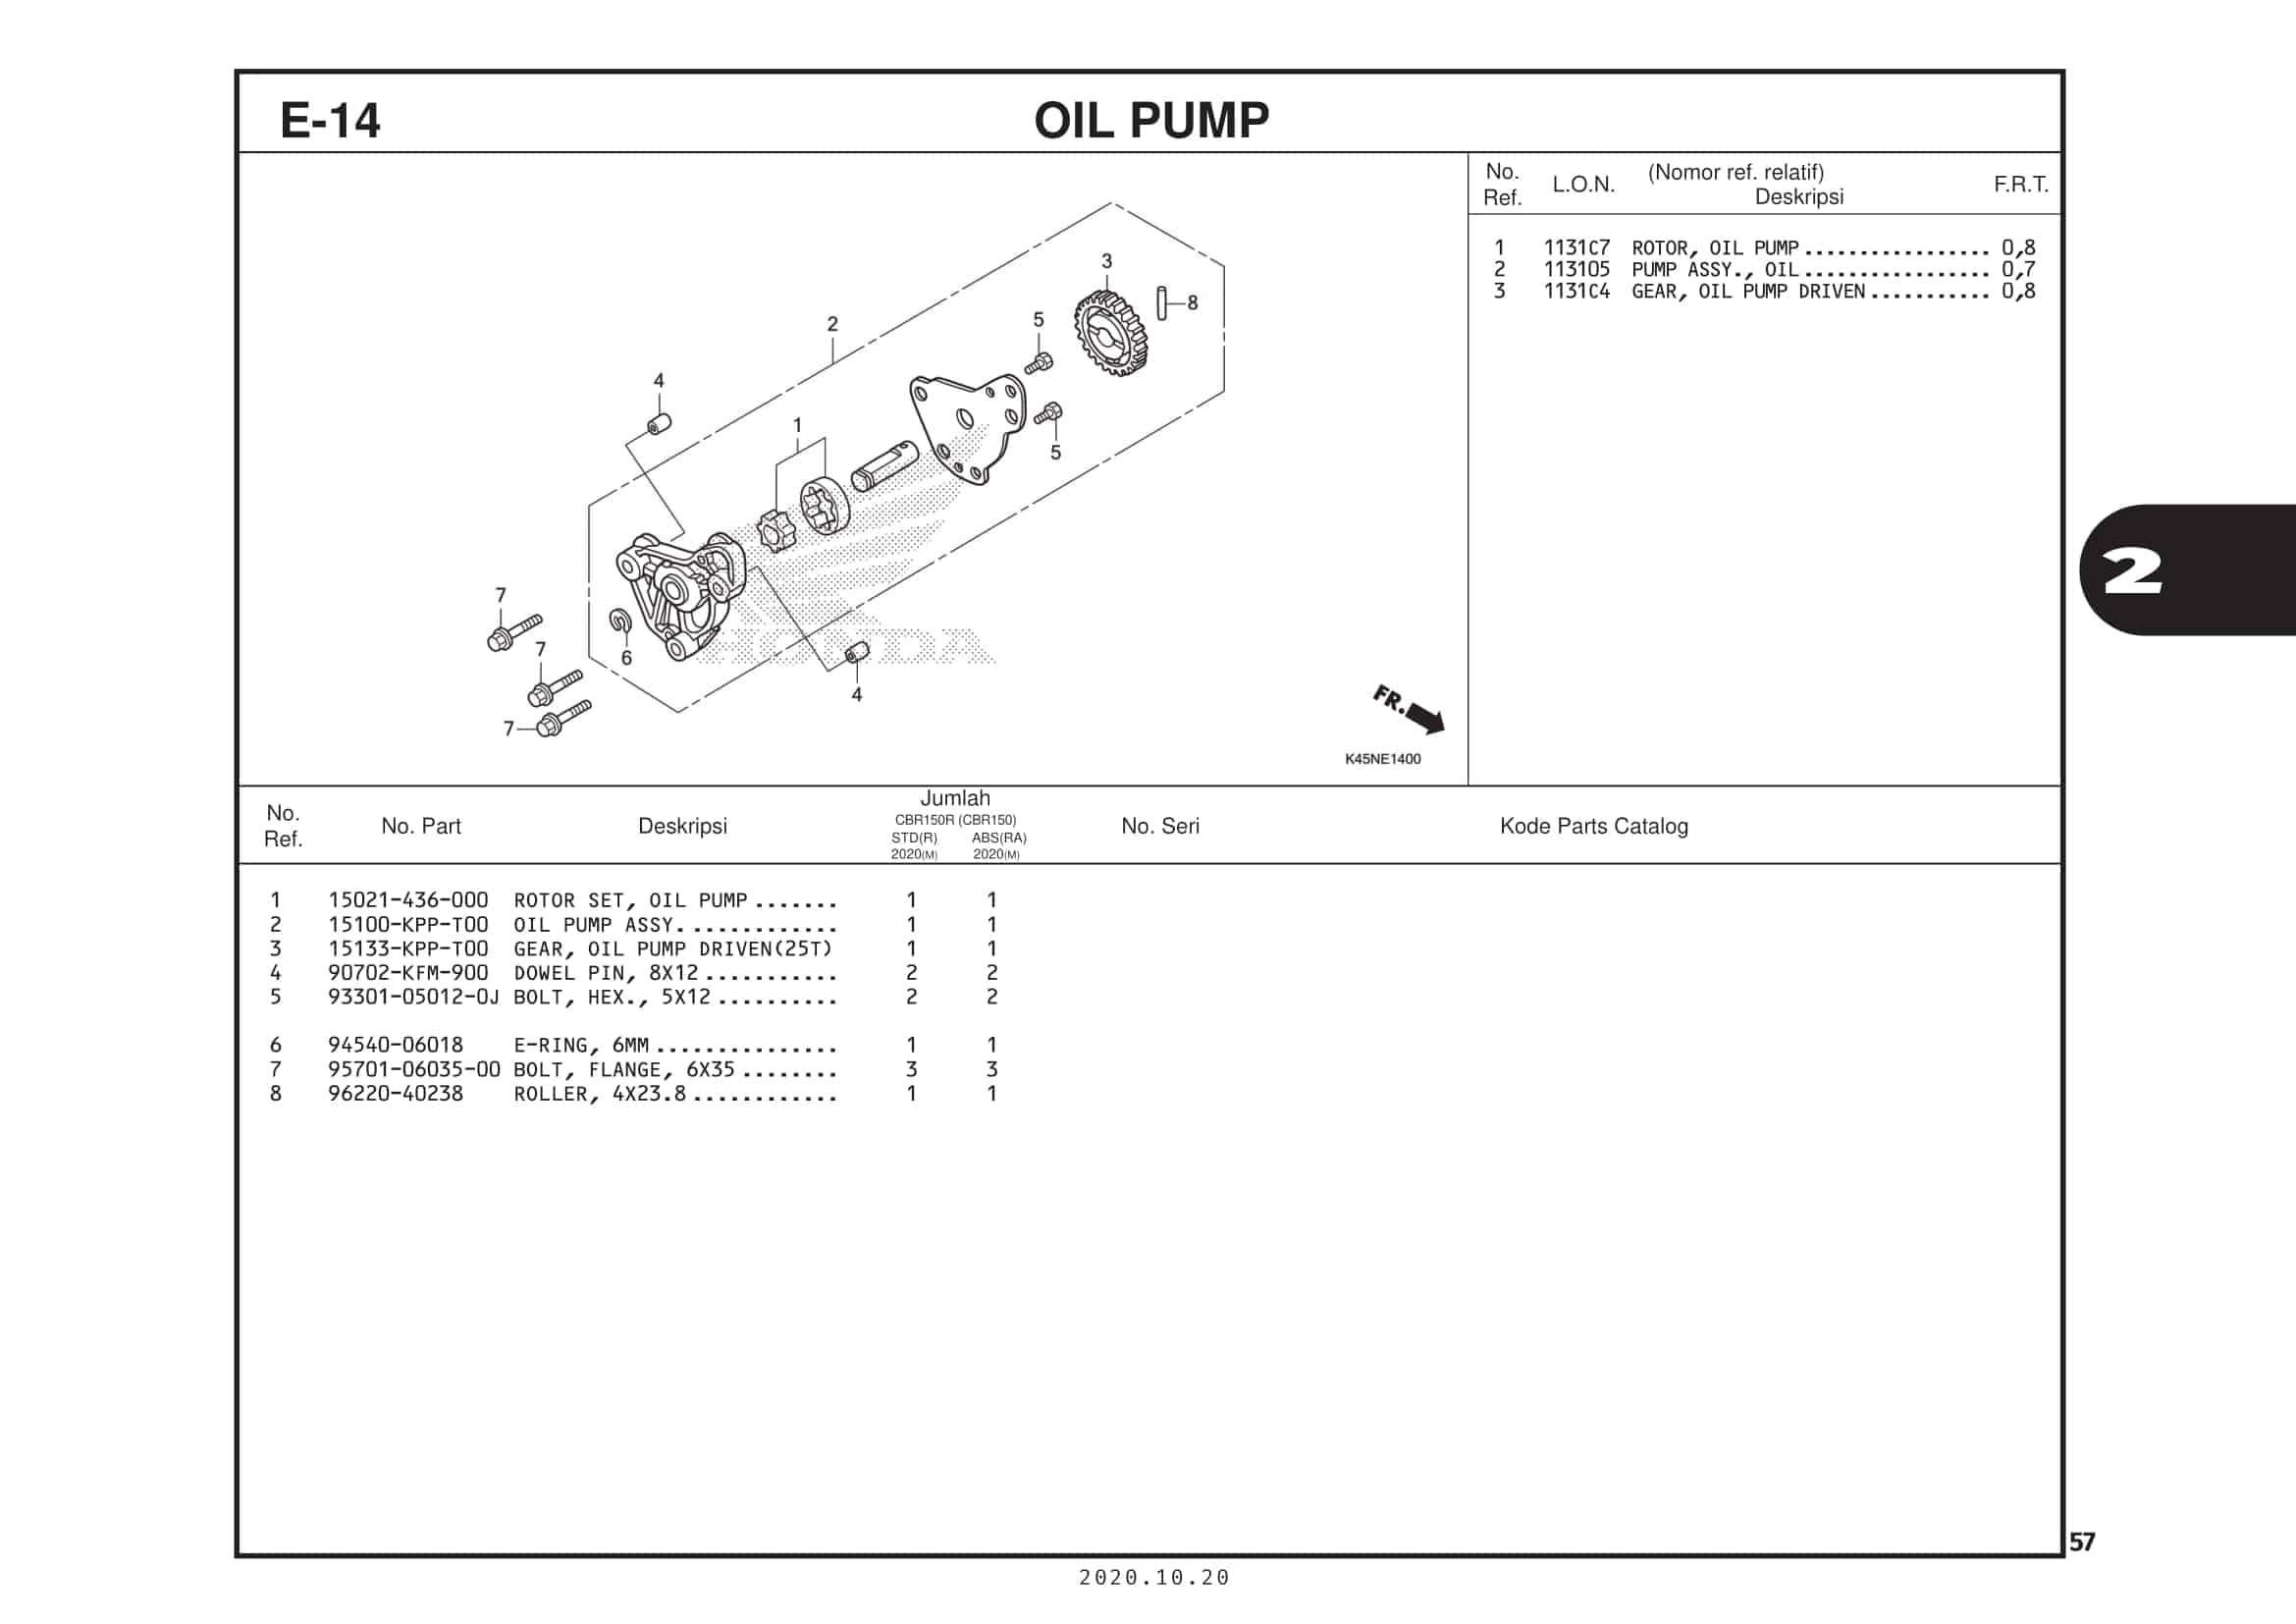 E-14 Oil Pump